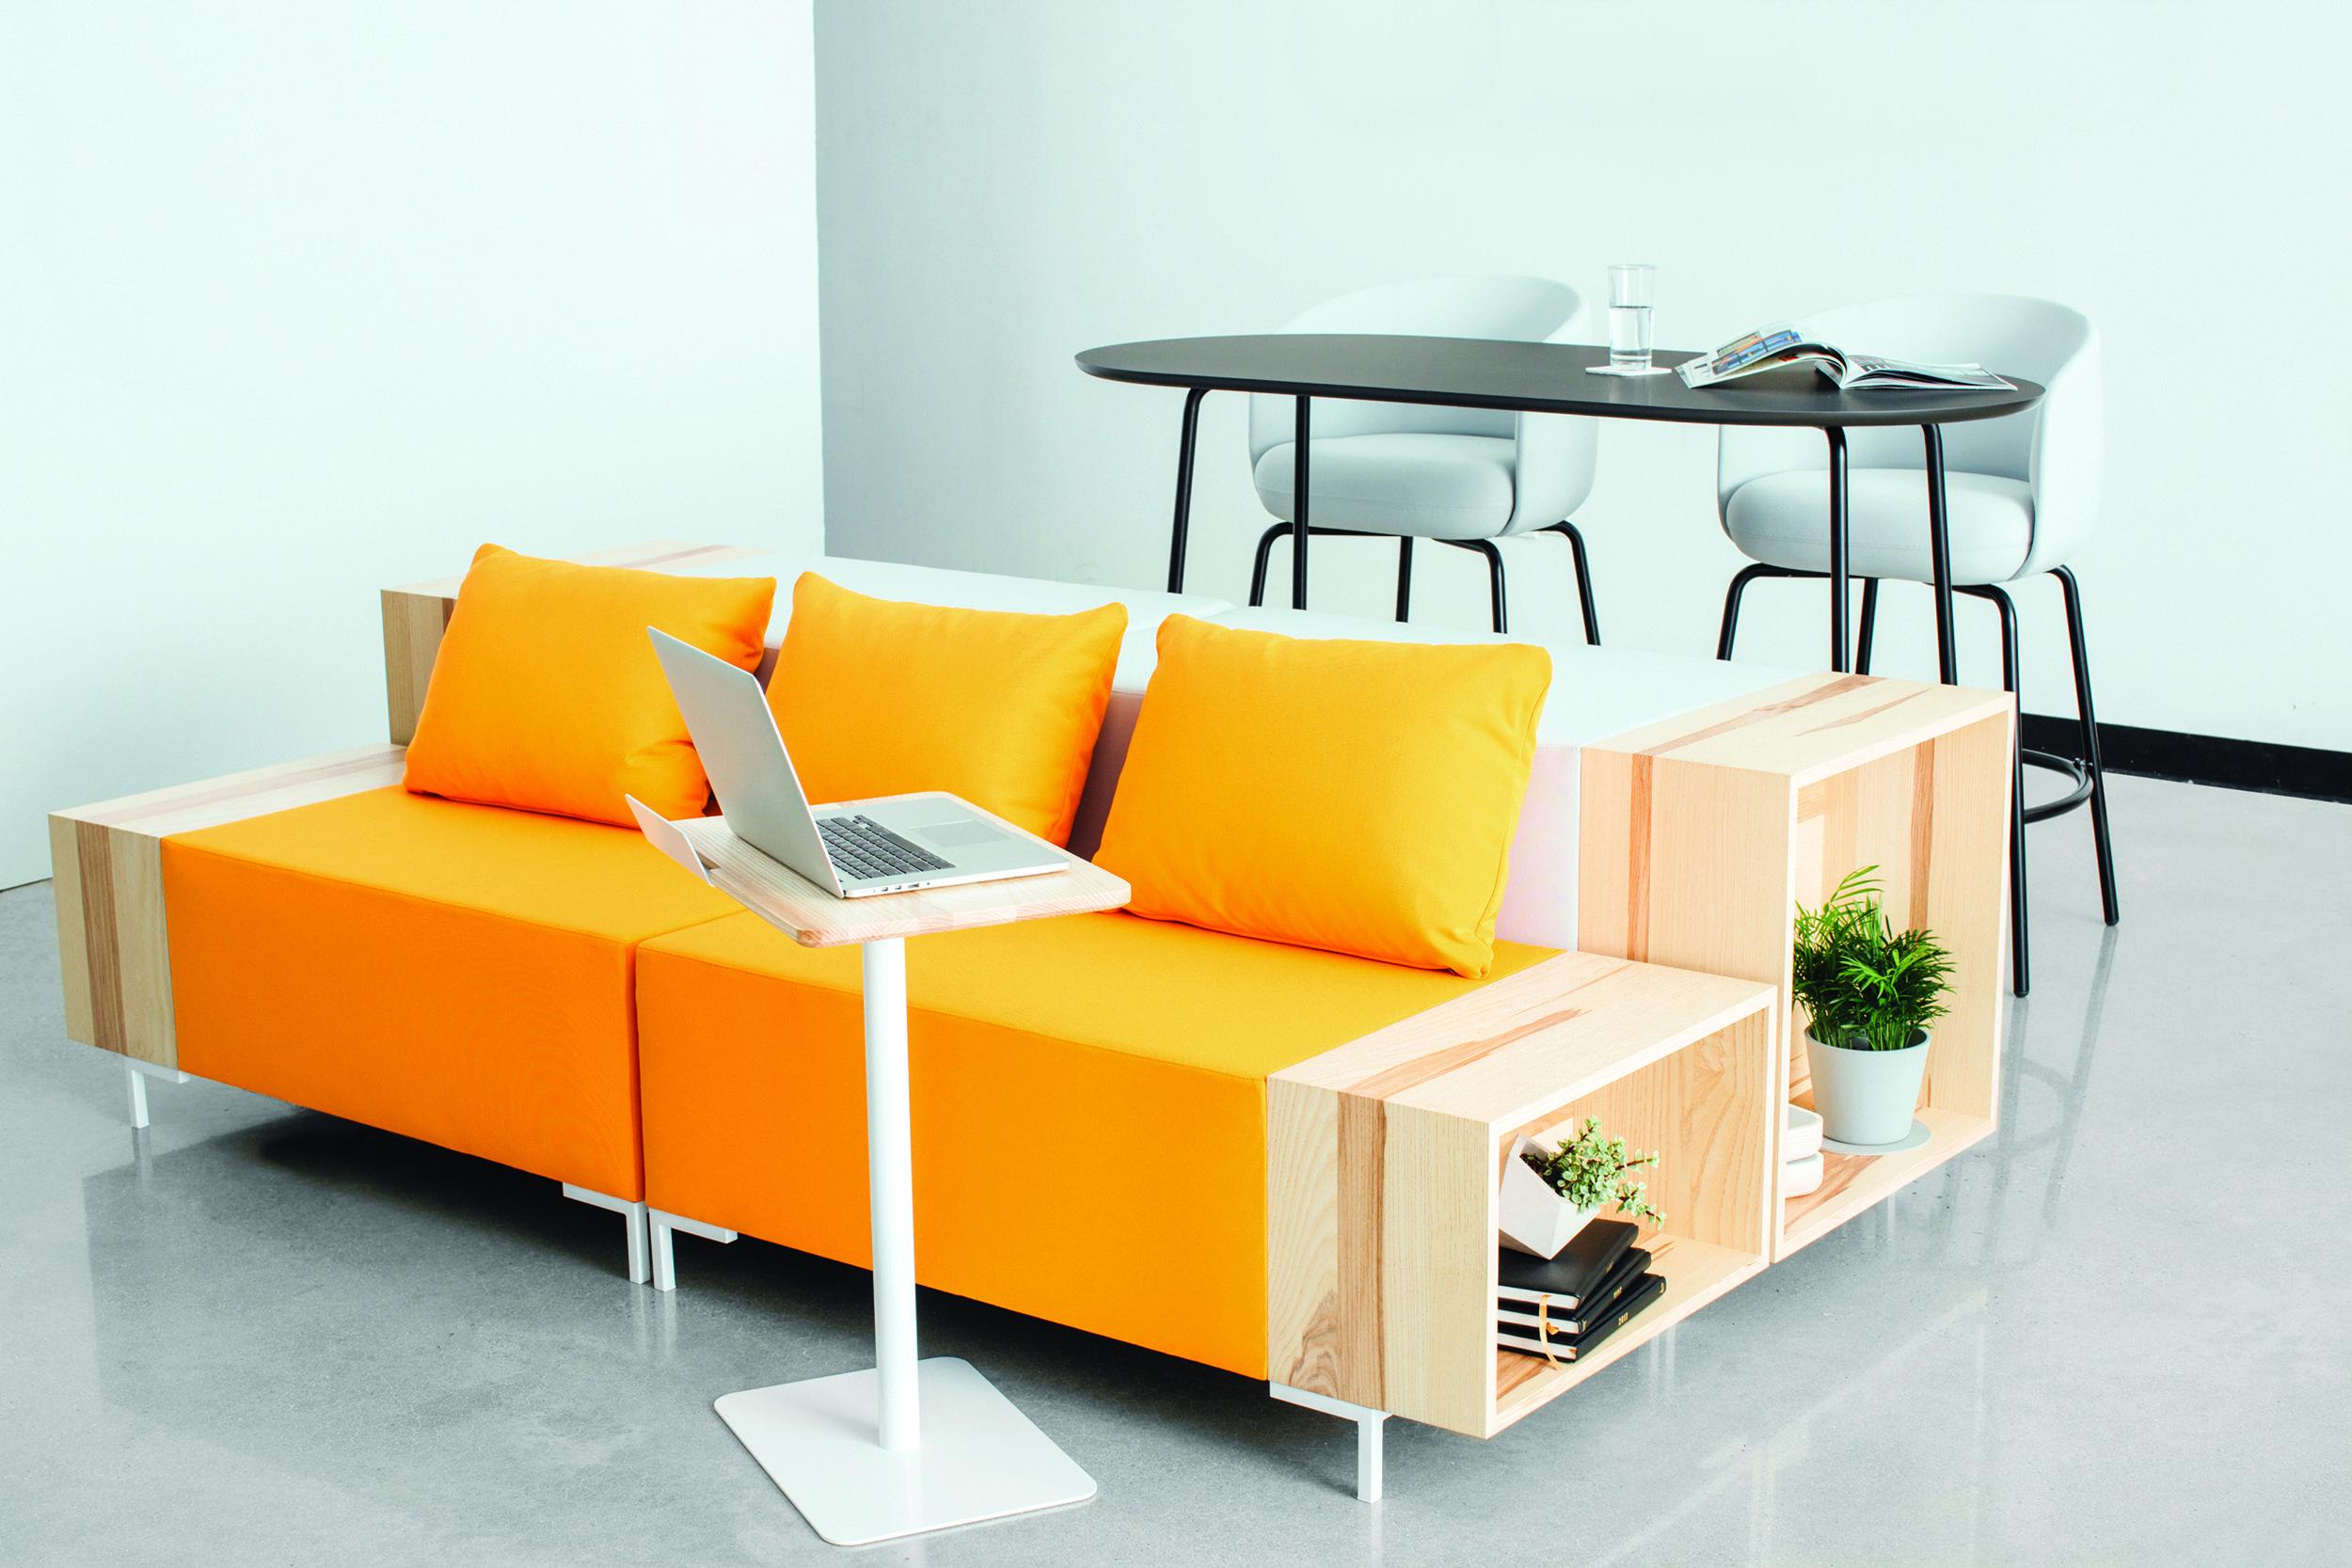 Custom Furniture Idea Coffee Table Home Decor Furniture